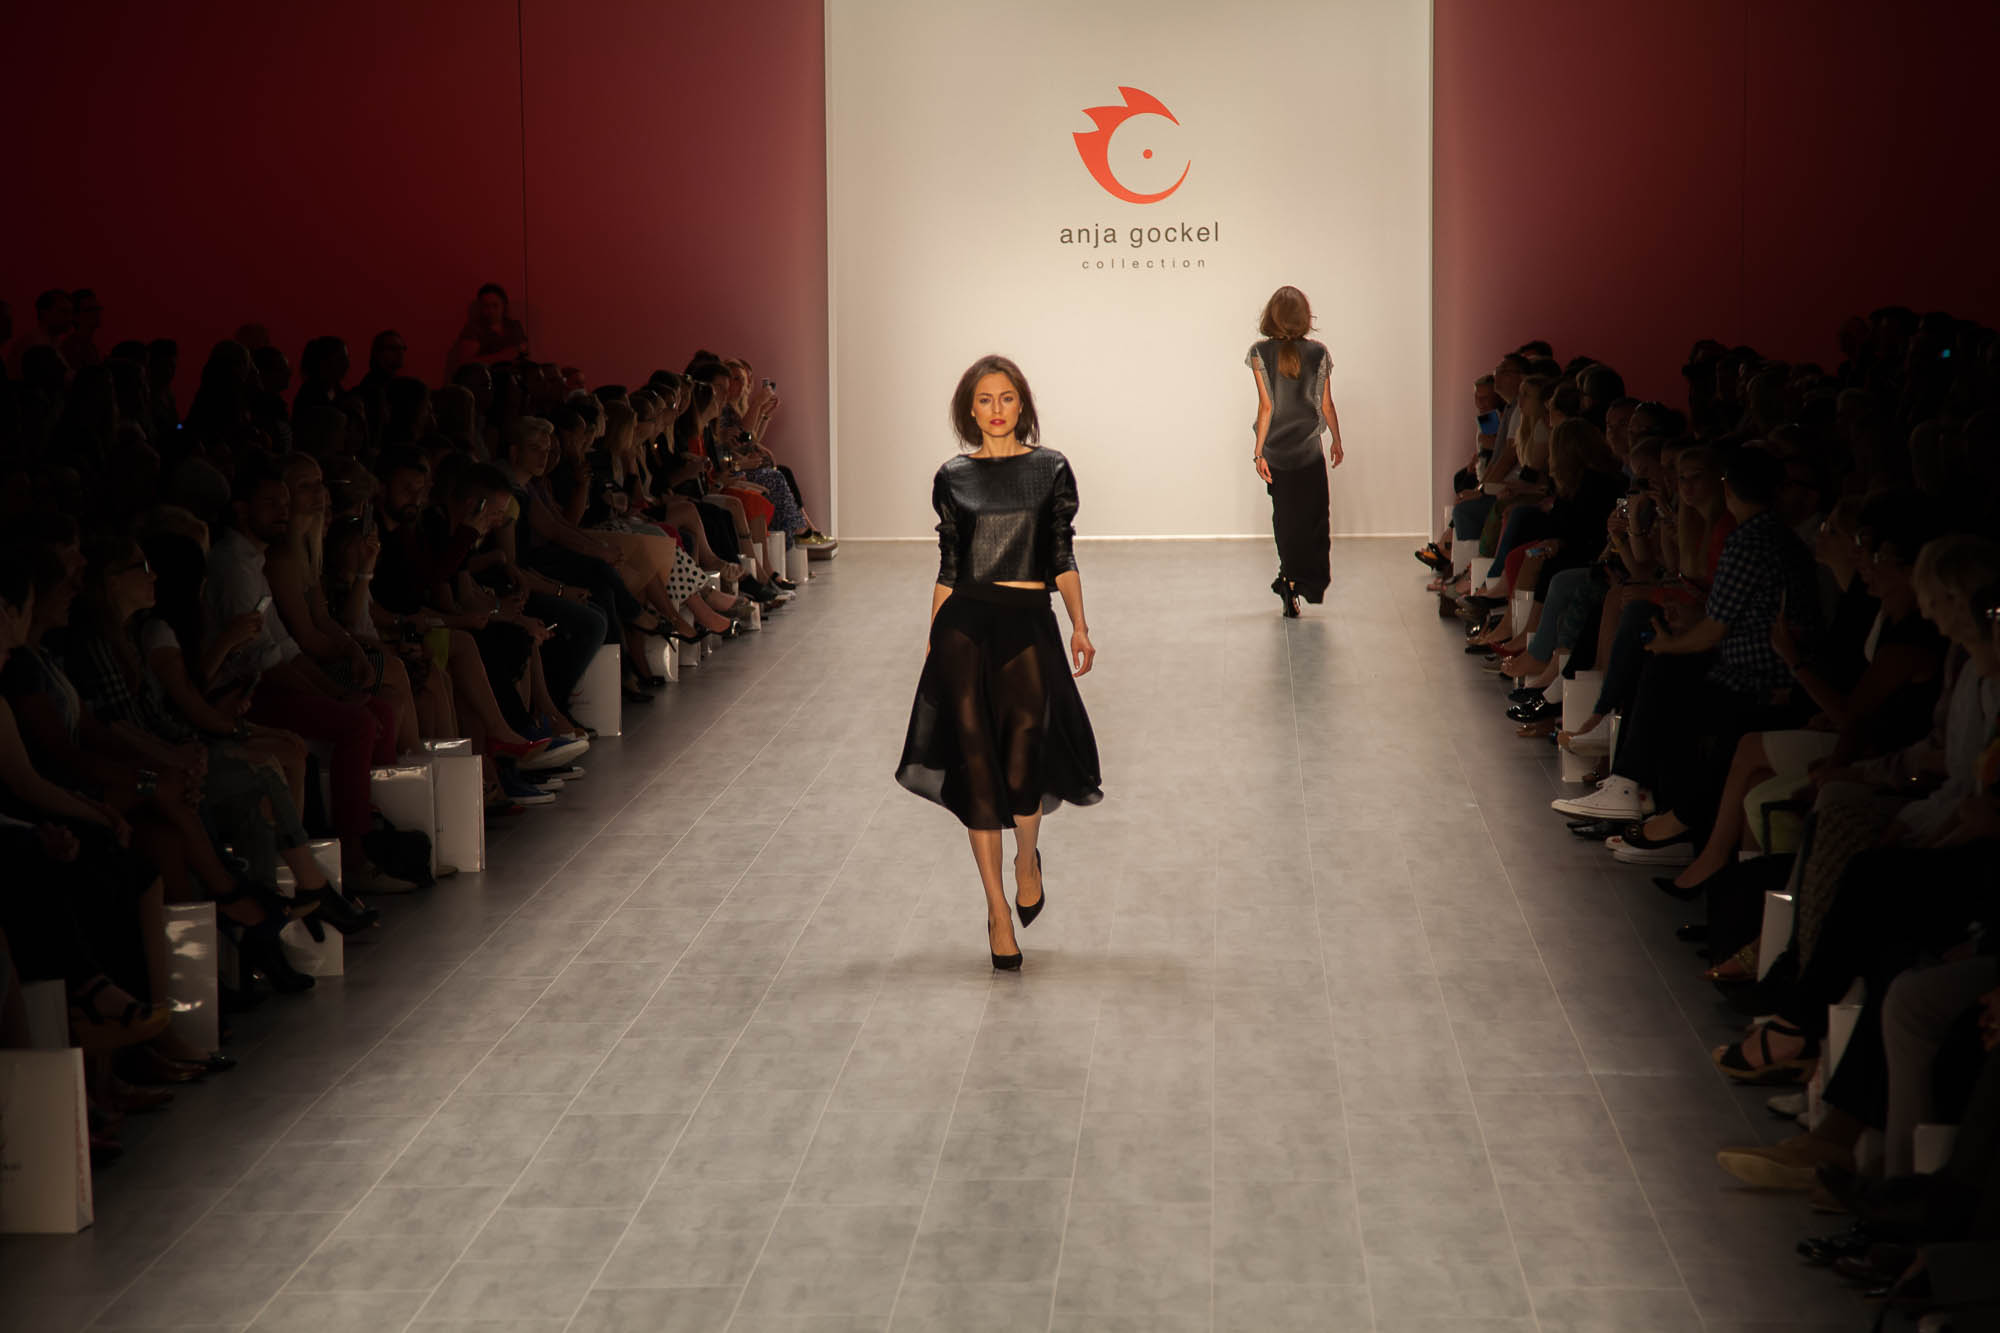 20140709-Fashionweek-anjagockel-03